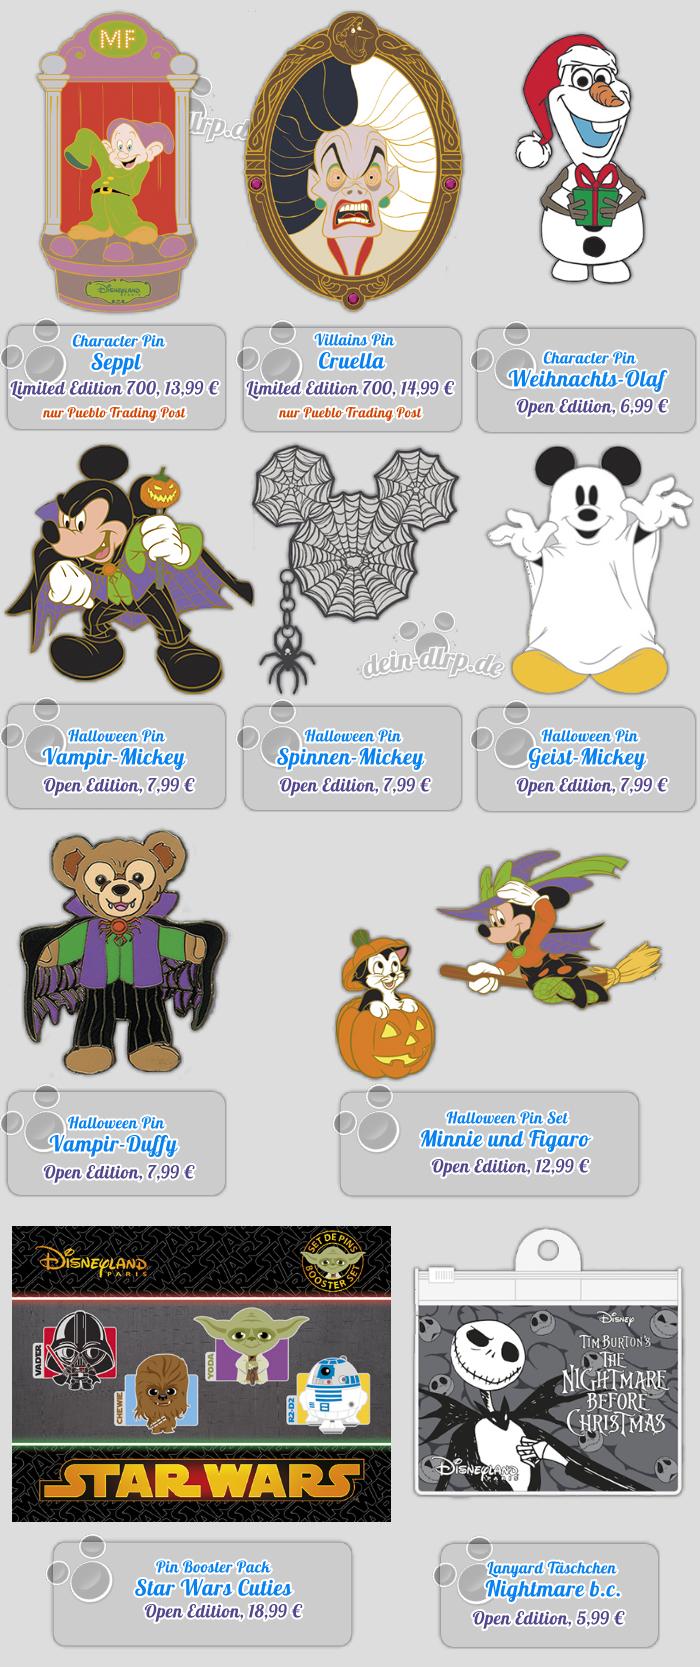 Star Wars Cuties, Mickey in diversen Halloween-Varianten, Cruella de Ville, Seppl und Olaf gibt es heute als Pins